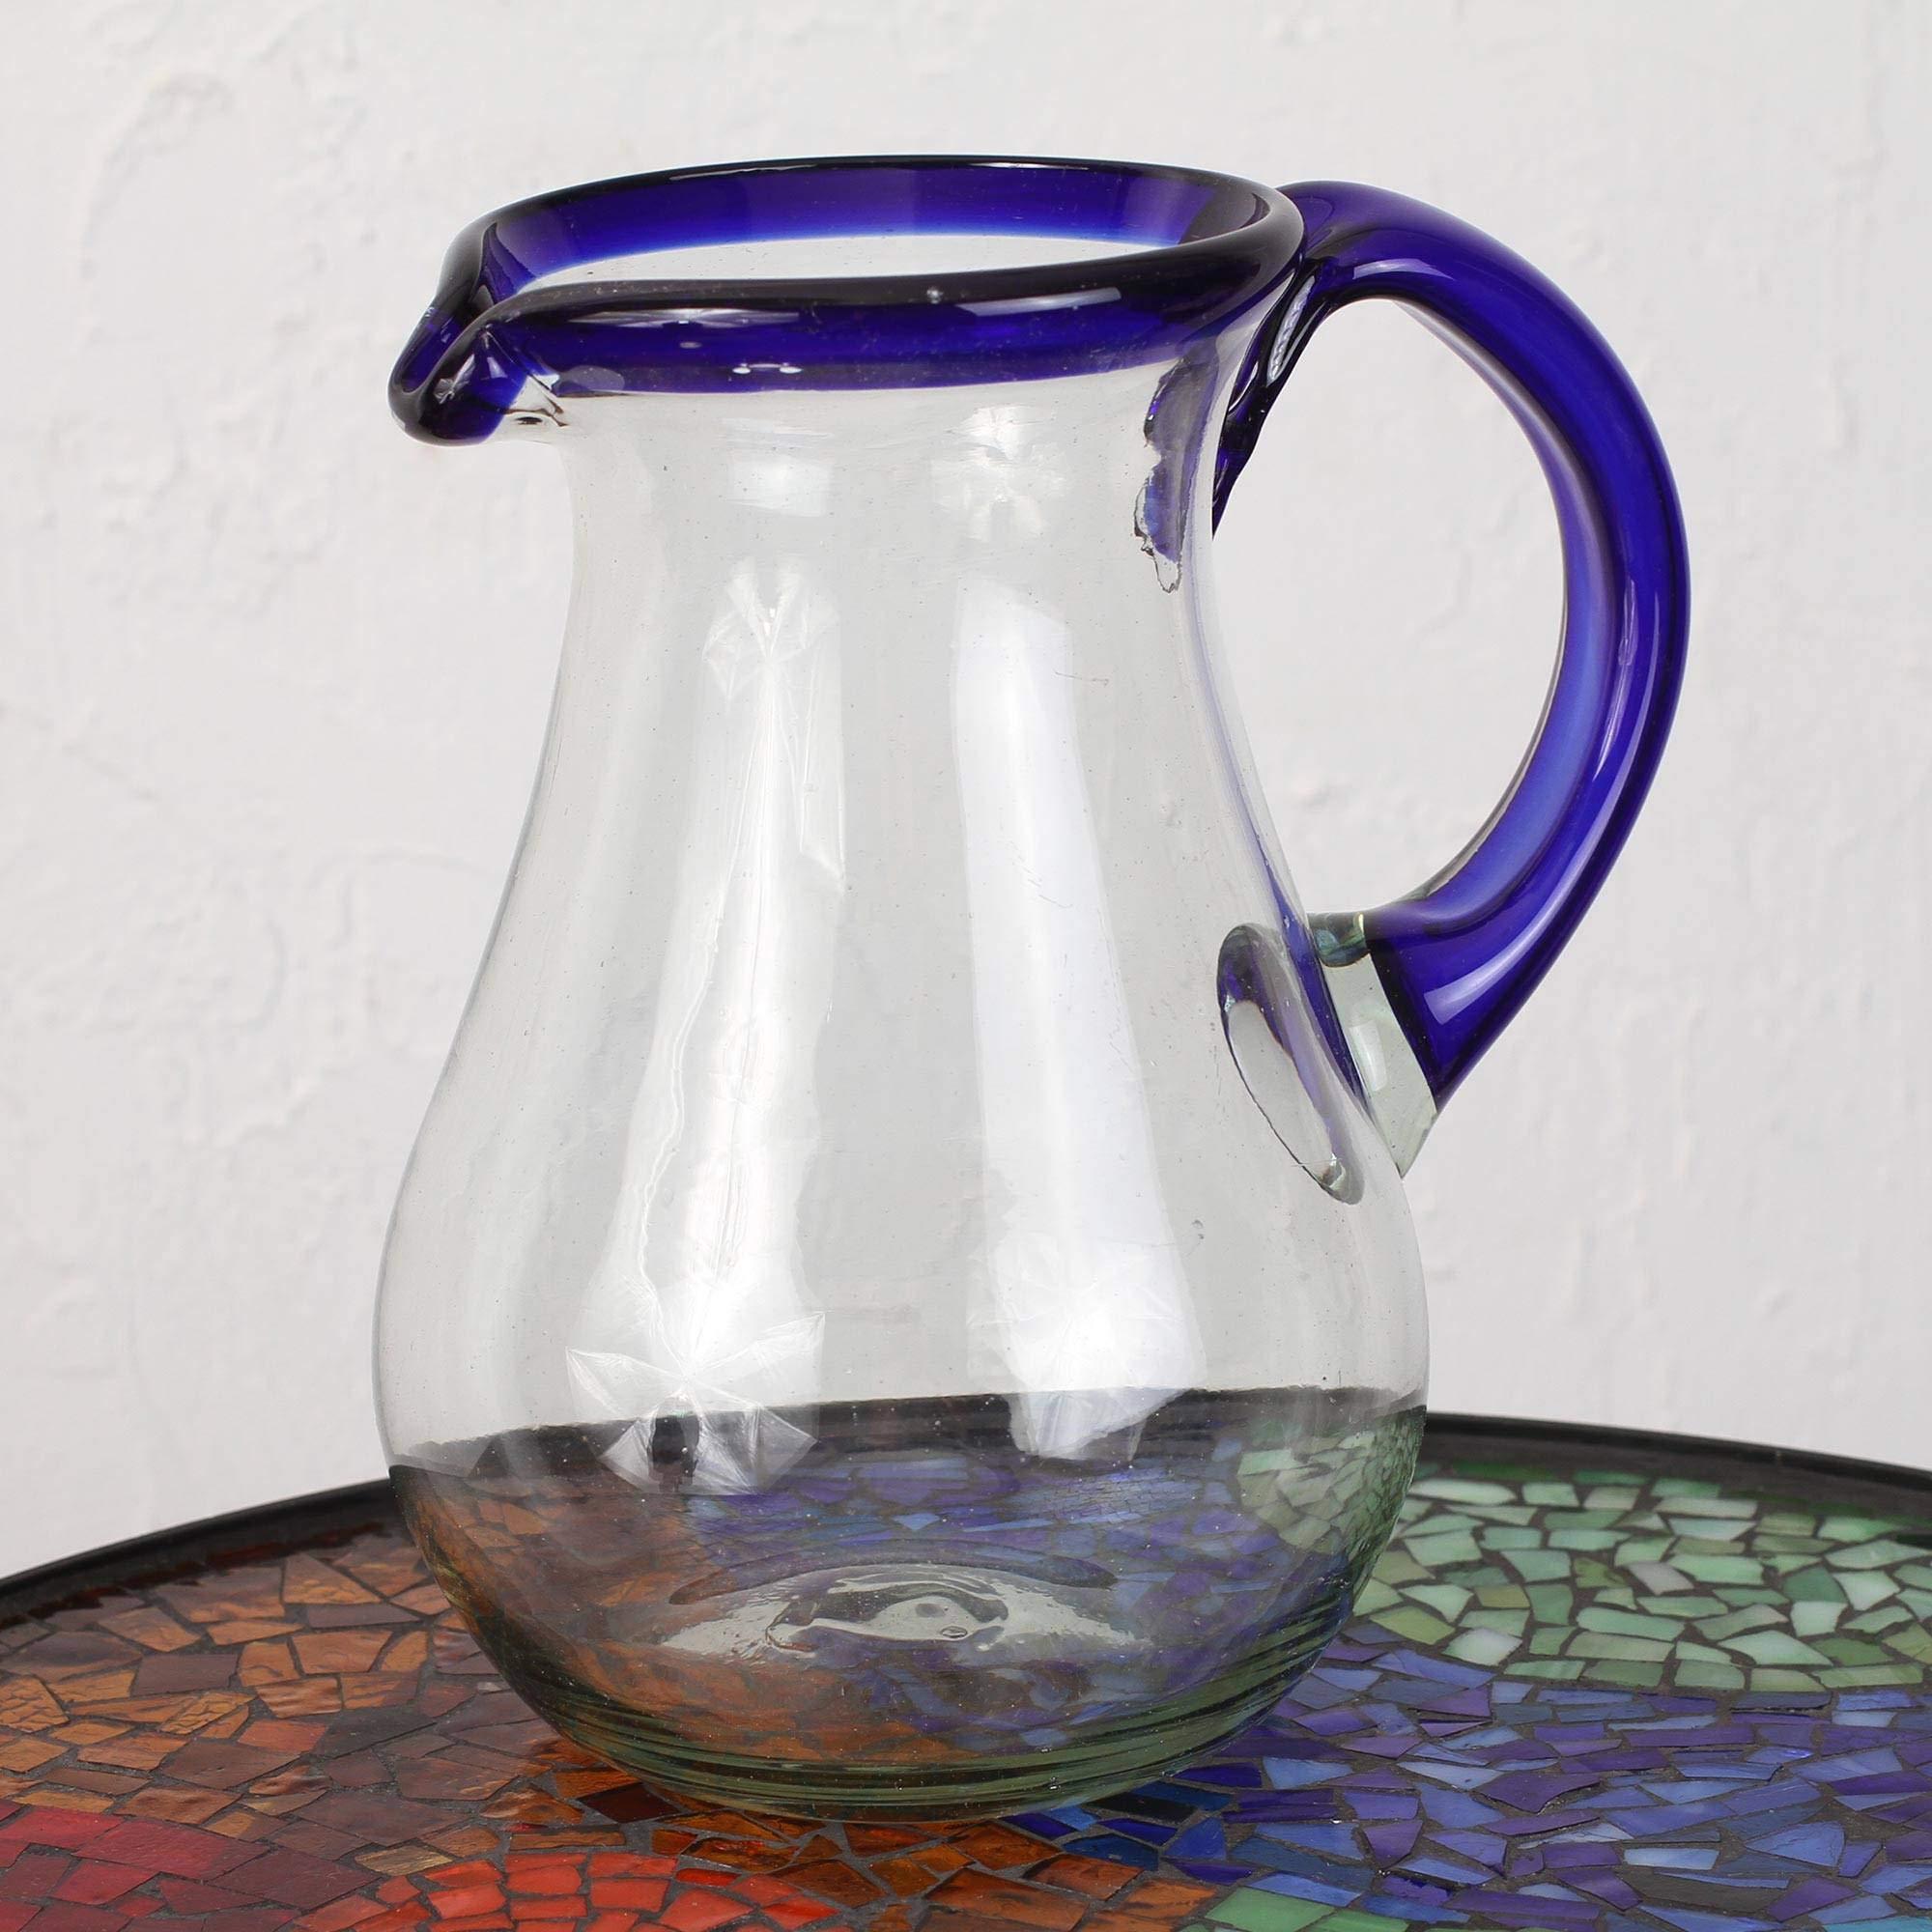 NOVICA 161655'' Blue Grace Glass Pitcher by NOVICA (Image #3)